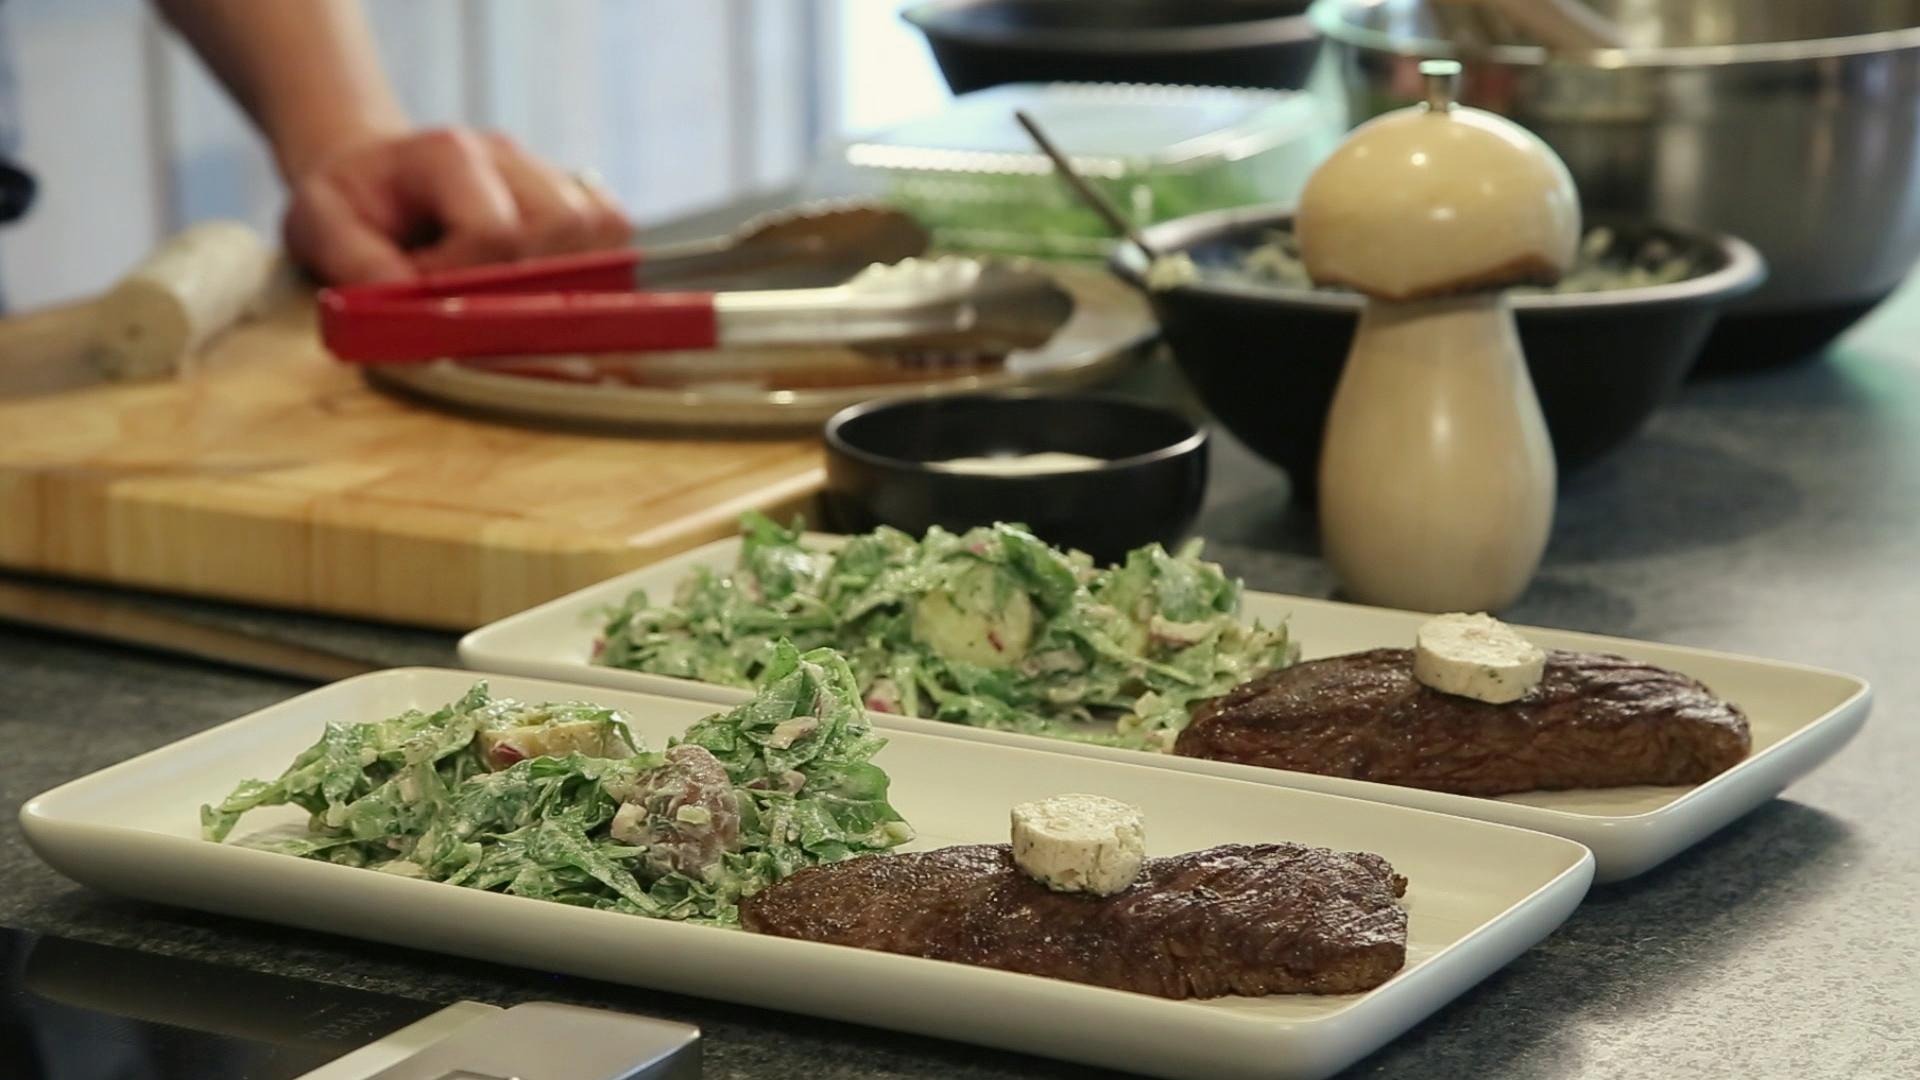 La cuisine par arnaud marchand bavette de b uf et salade for Marchand de cuisine